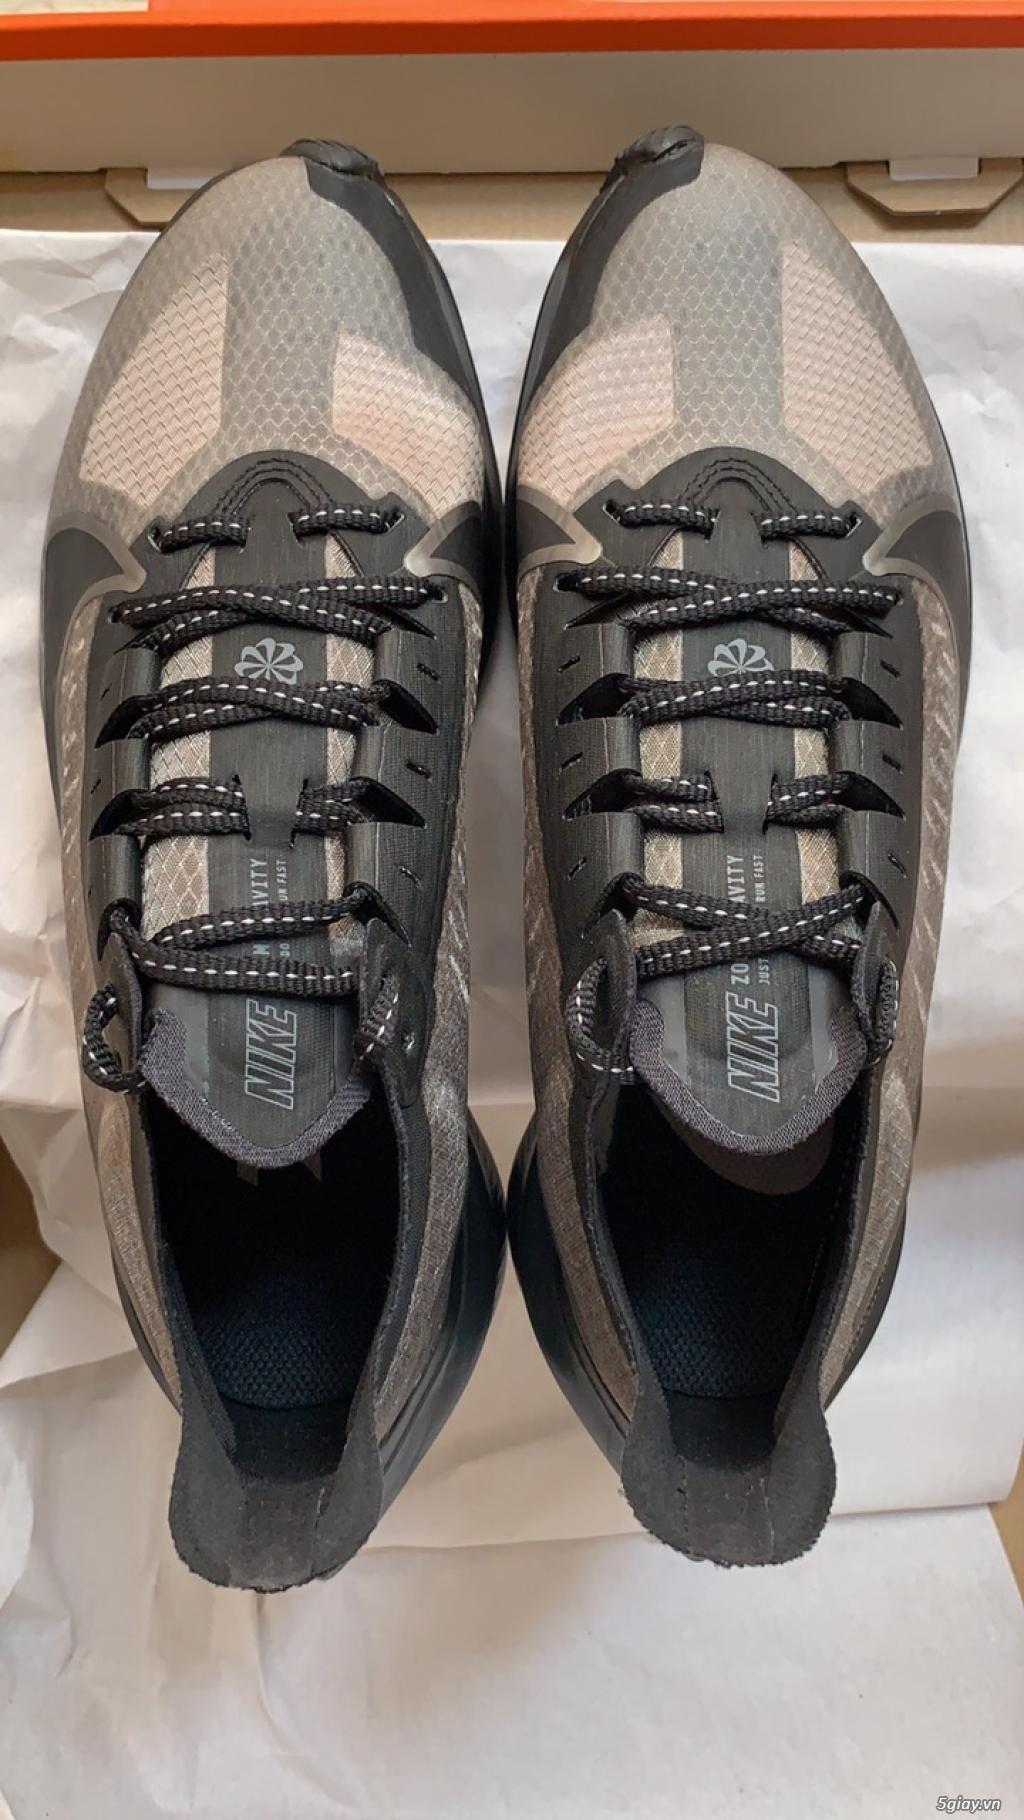 Giảm giá giày Nike xách tay từ mỹ